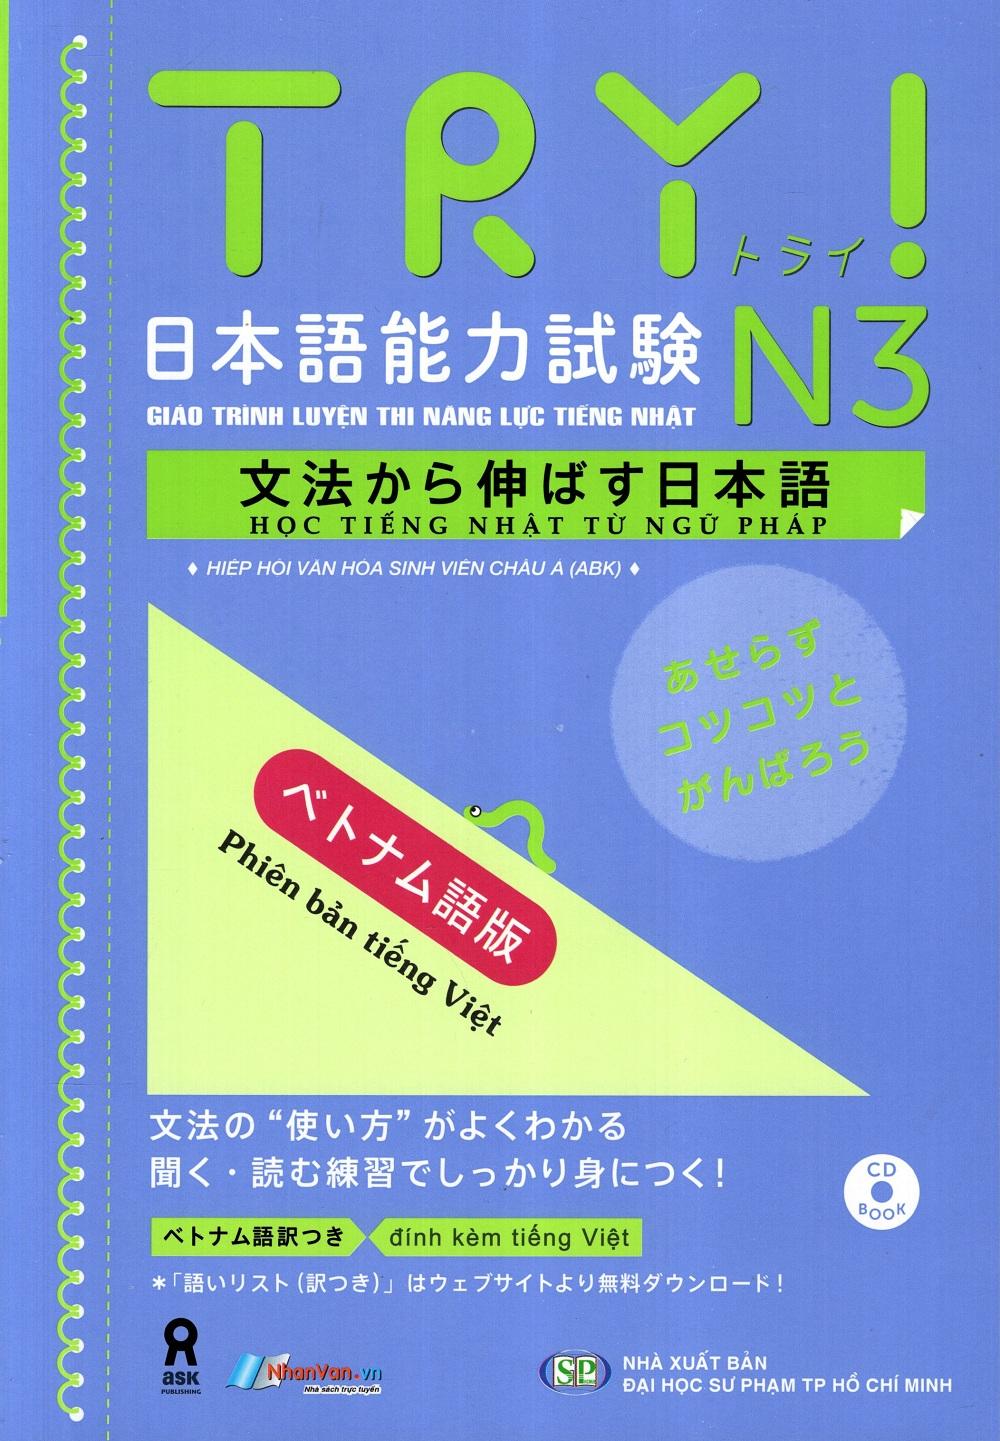 Giáo Trình Luyện Thi Năng Lực Tiếng Nhật Try! - N3 (Kèm 1 CD)